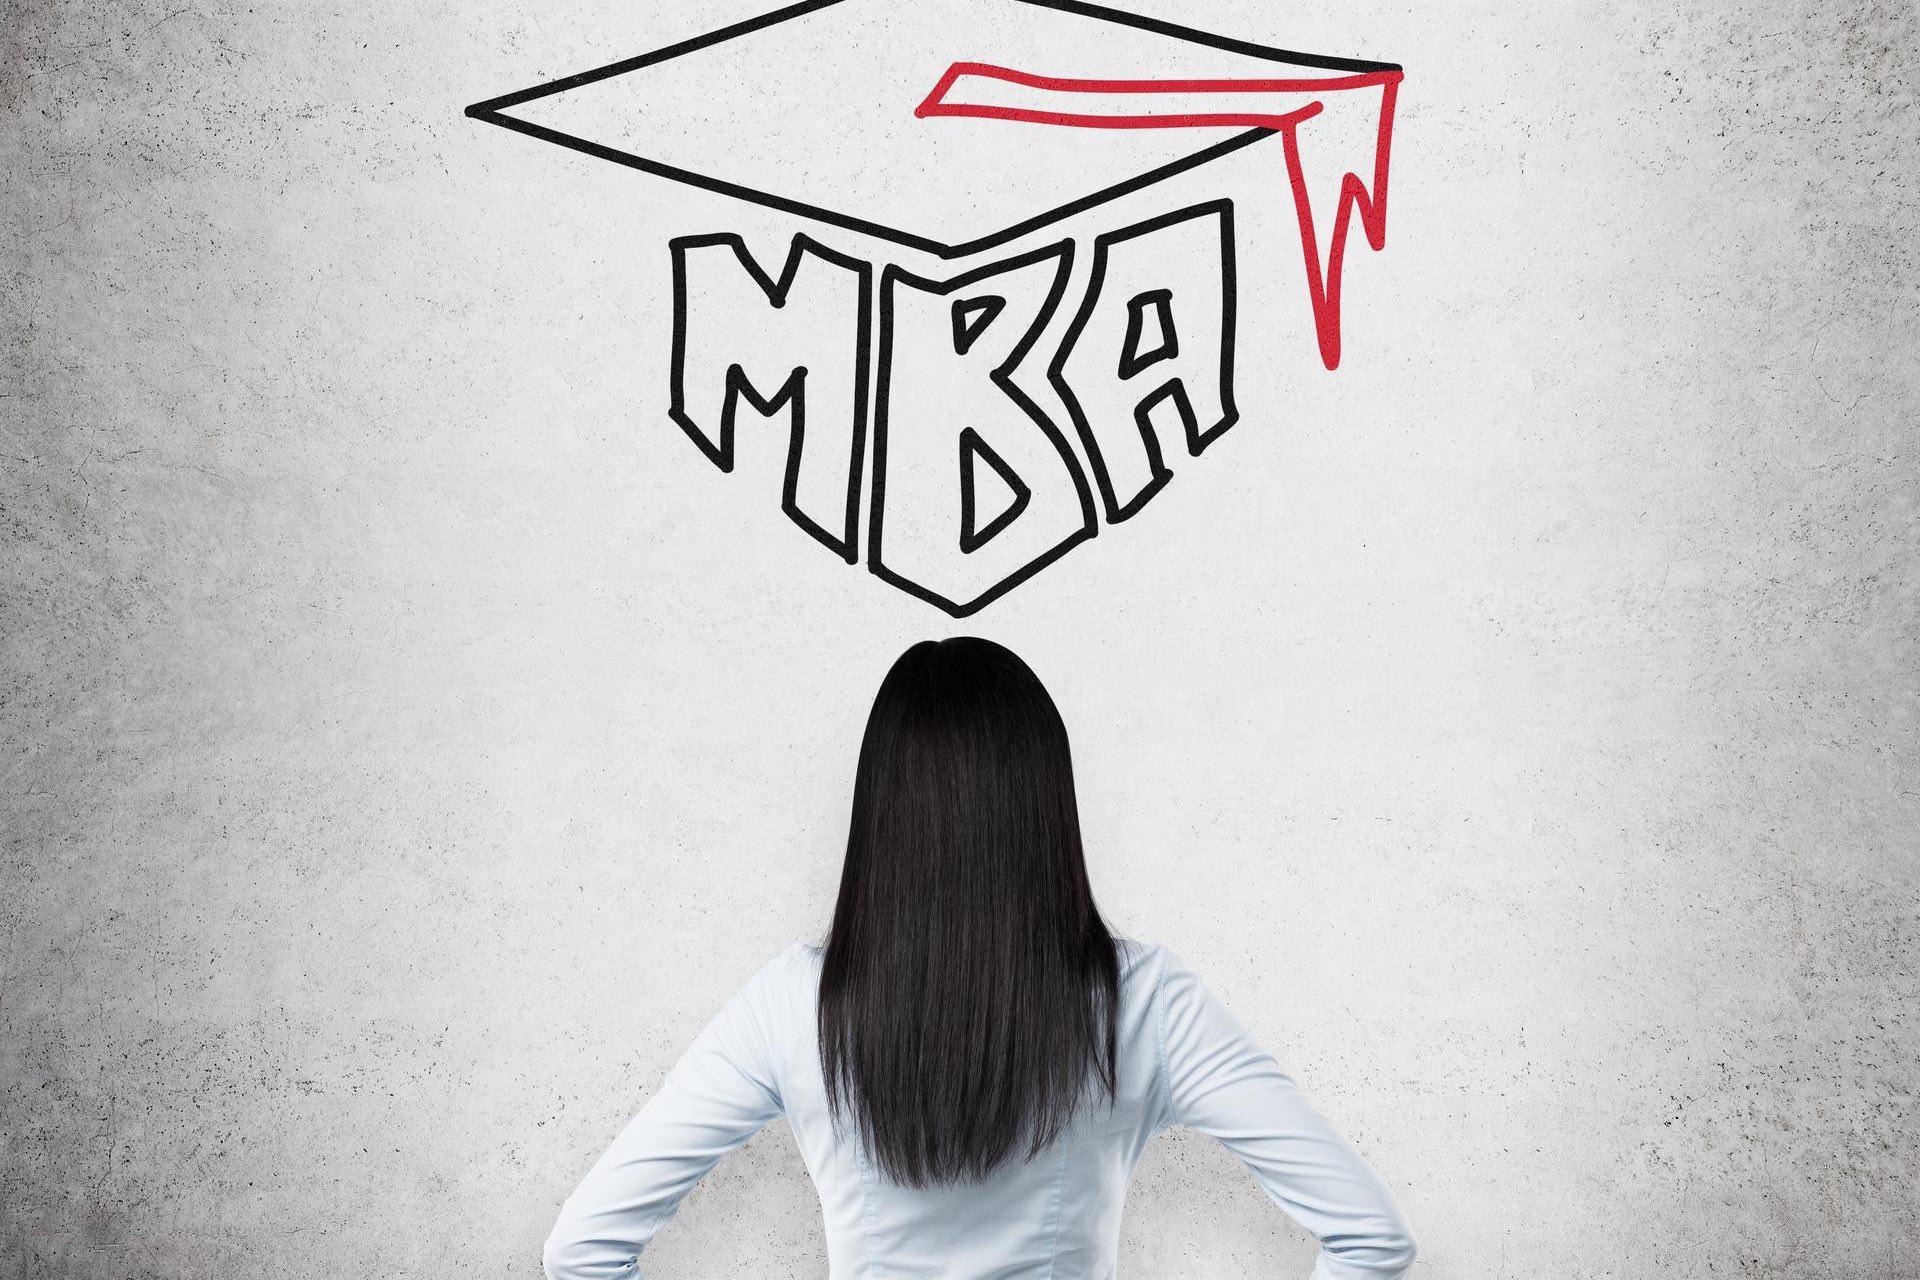 荷蘭 MBA 畢業四年後回頭看,這個決定值得嗎?